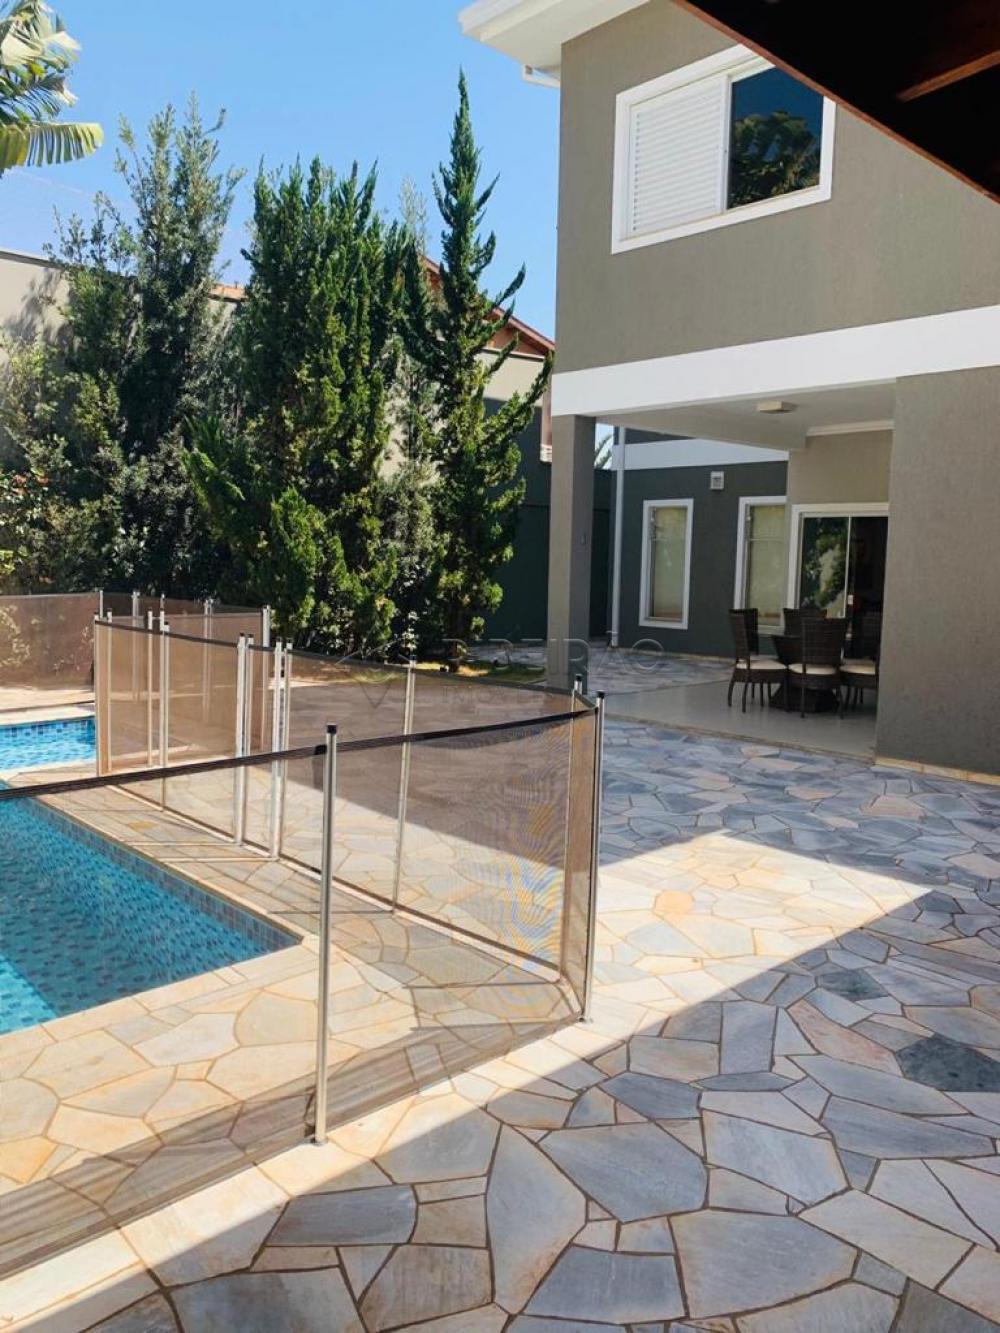 Comprar Casa / Condomínio em Bonfim Paulista R$ 1.550.000,00 - Foto 21